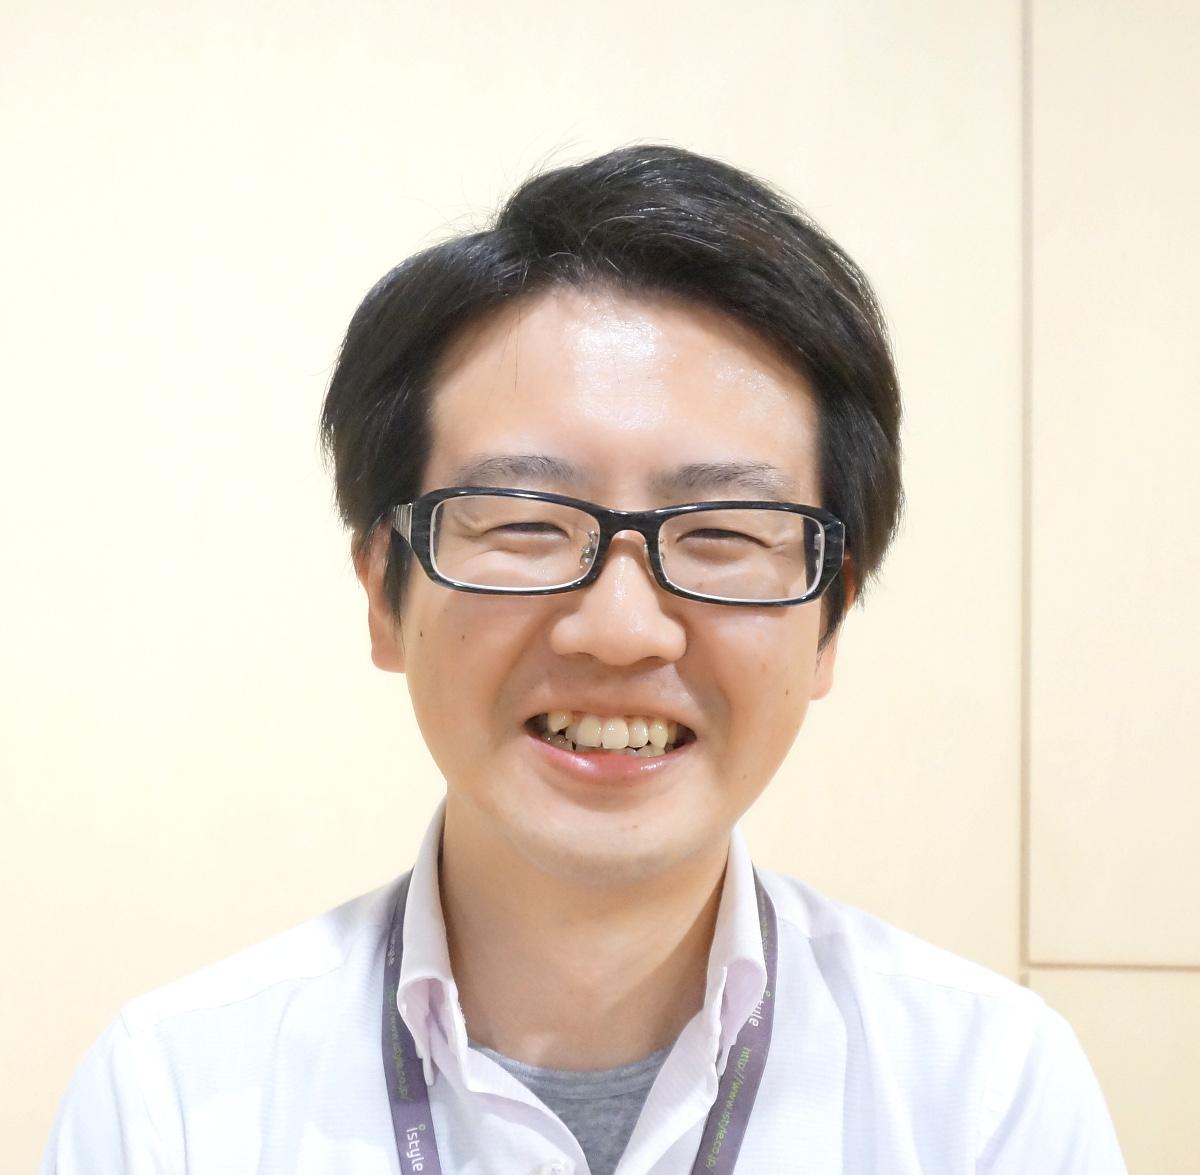 Takuma Ishioka